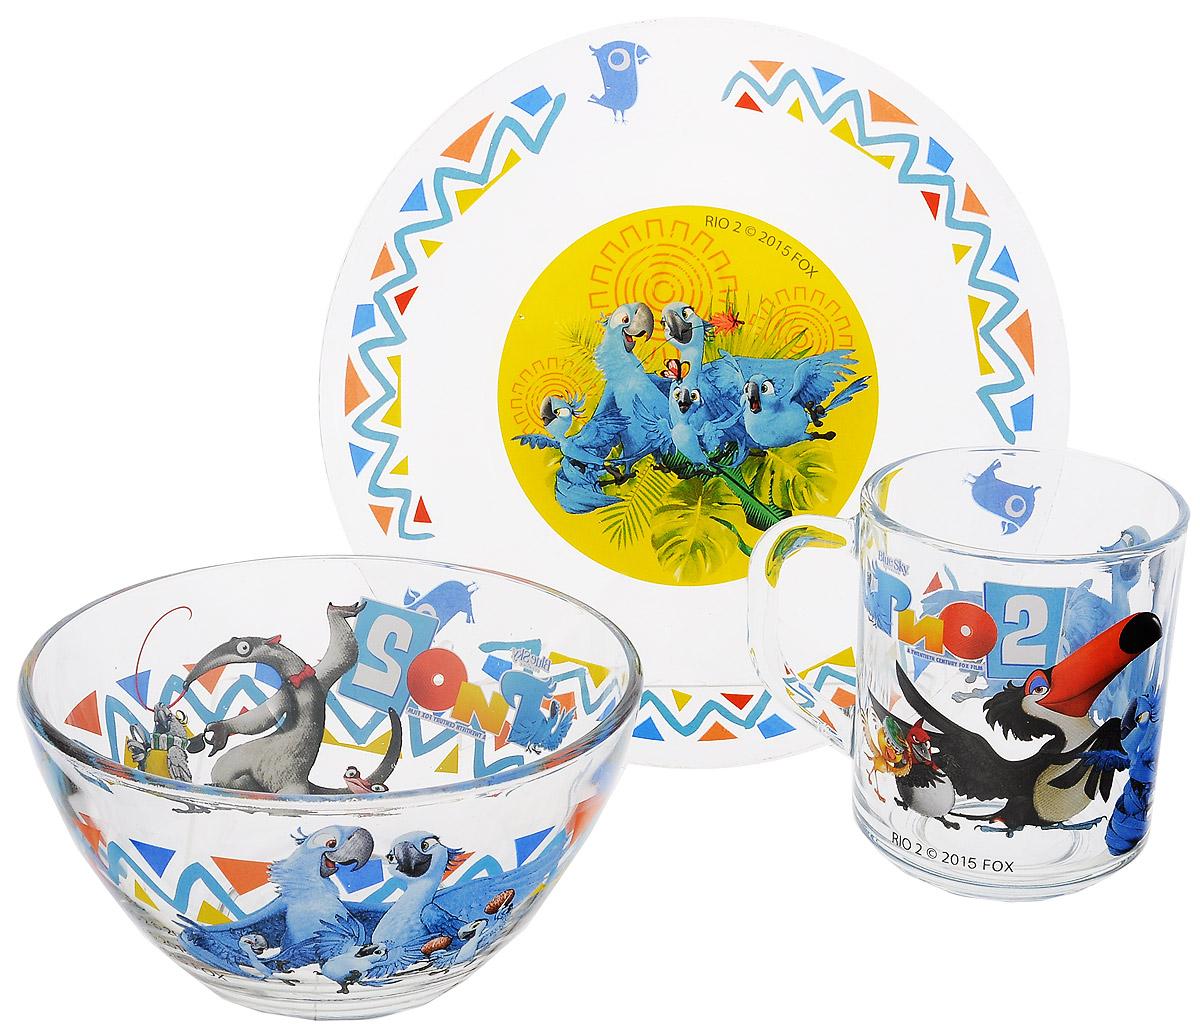 Рио Набор посуды Рио-2, 3 предмета11134219Красочный набор посуды Рио, выполненный из качественного стекла, идеально подойдет для повседневного использования. В комплект входят: тарелка диаметром 19,5 см, салатник диаметром 12,5 см и кружка объемом 250 мл. Все предметы выполнены в оригинальном дизайне с изображением героев из мультфильма Рио. Набор упакован в коробку из плотного картона. Набор посуды непременно доставит массу удовольствия своему обладателю.